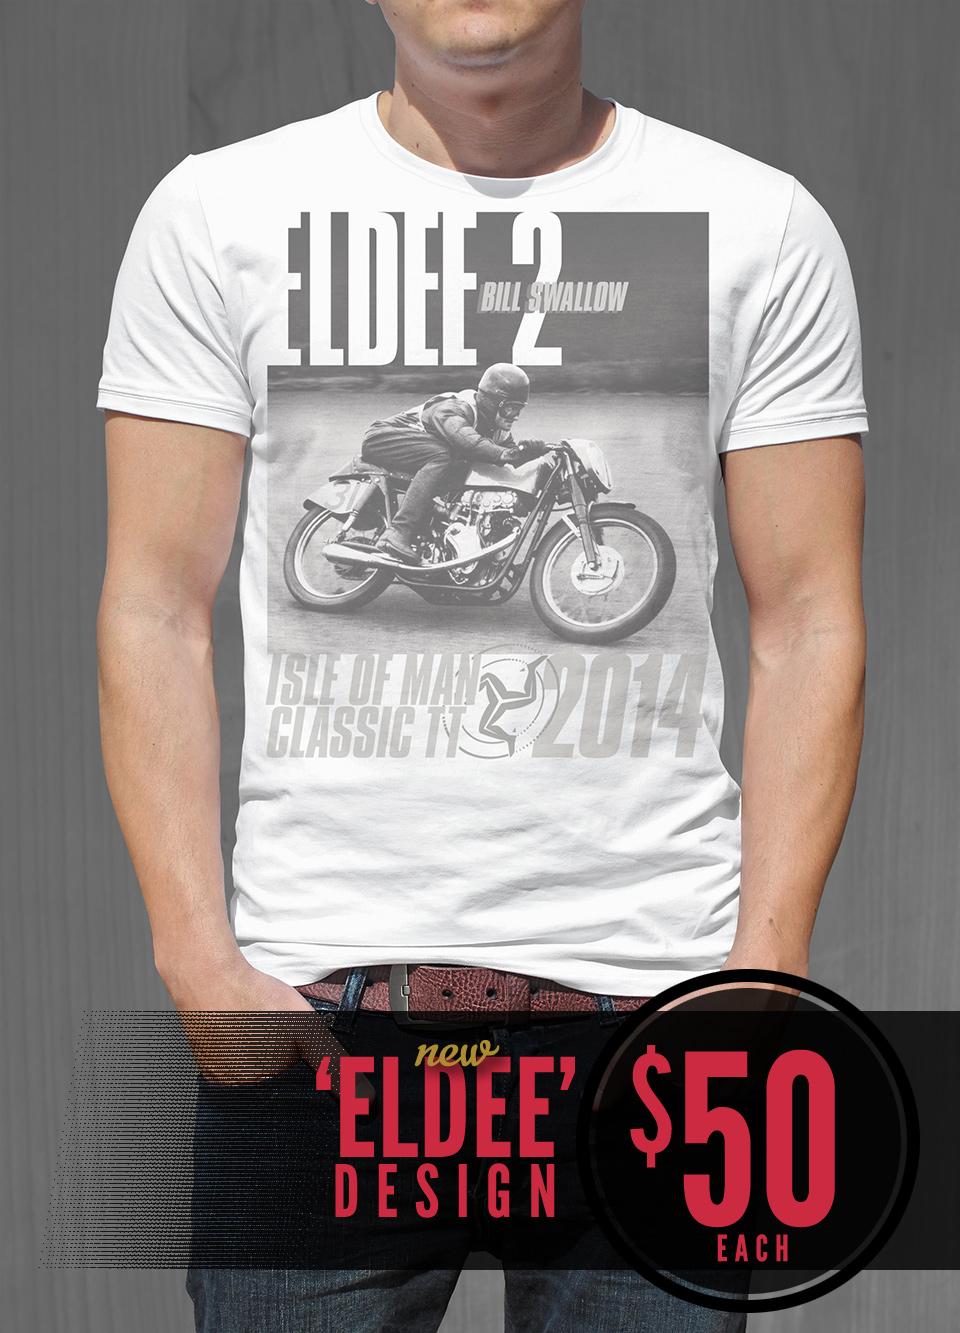 Eldee 2 Les Diener racing design white T-shirt